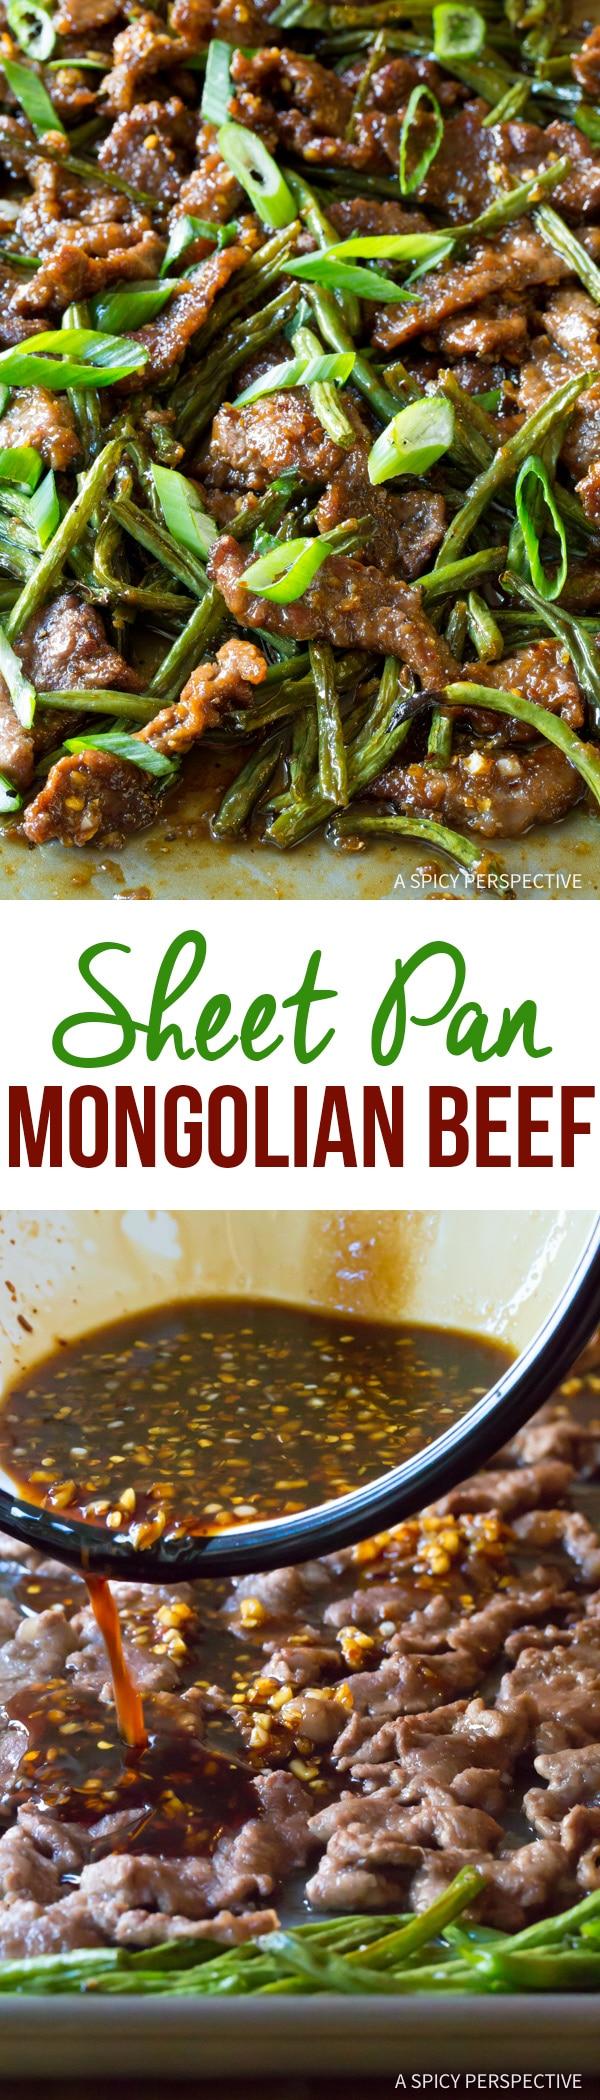 Spicy Sheet Pan Mongolian Beef Recipe